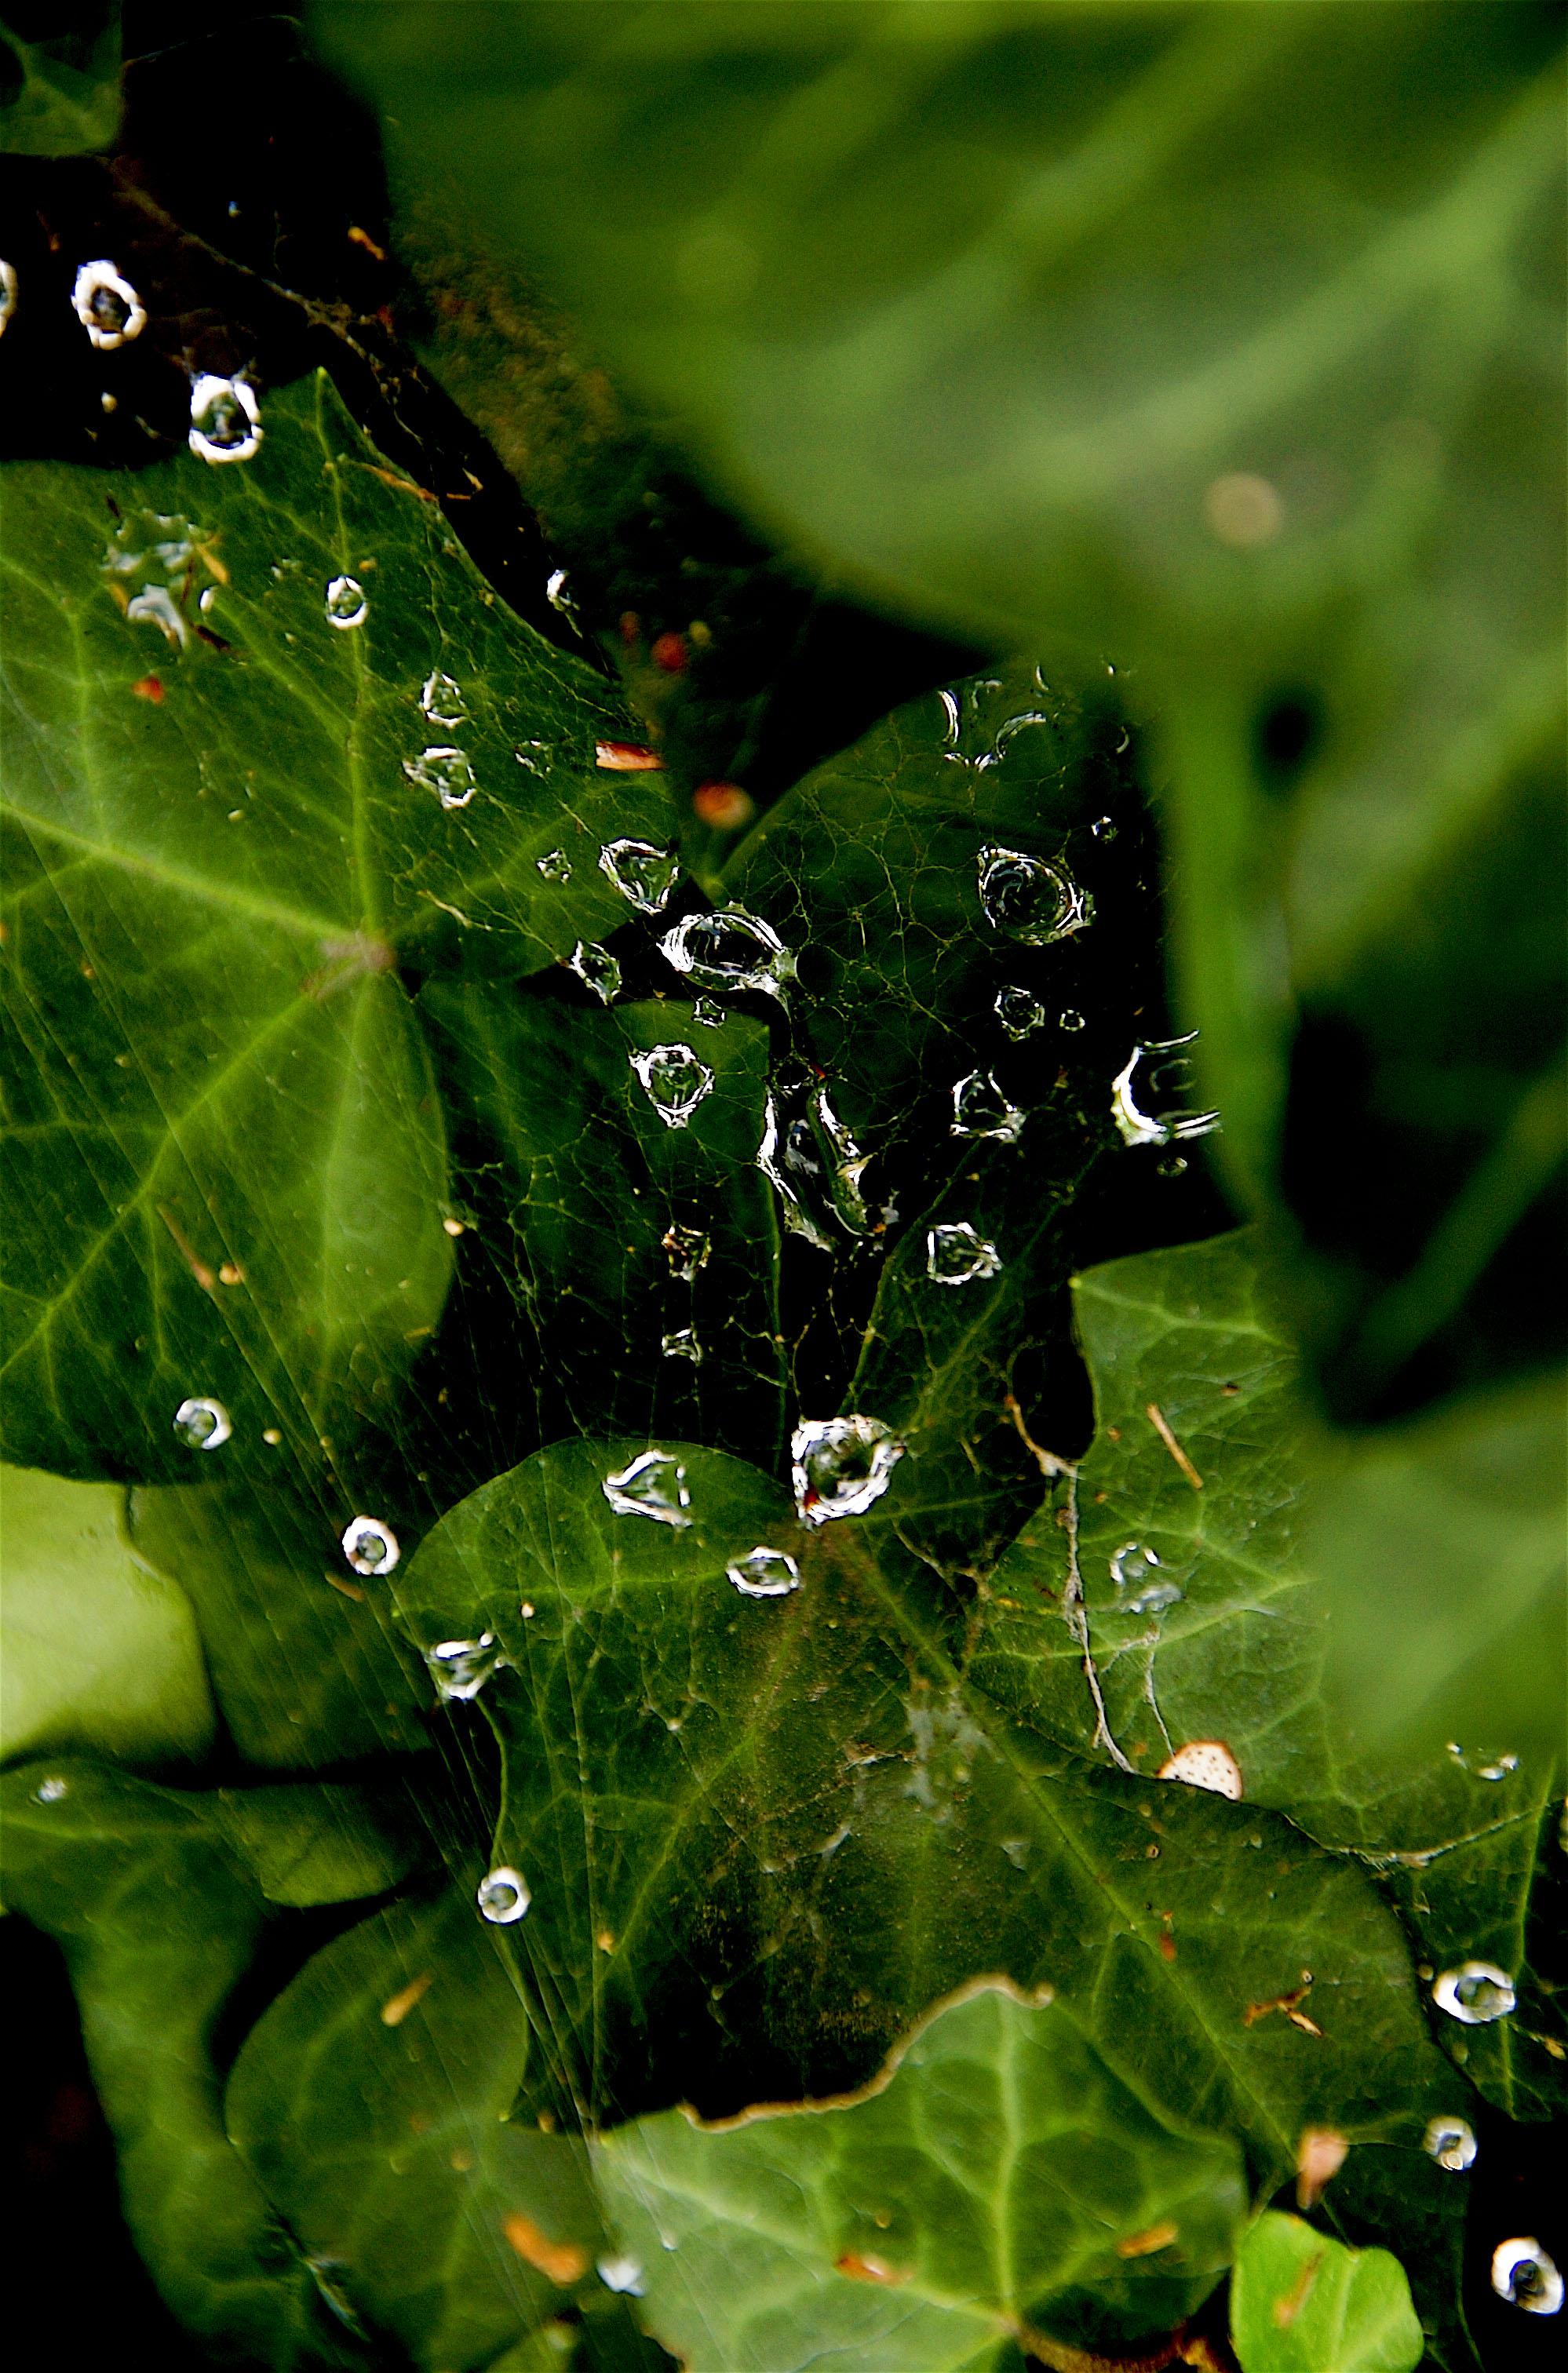 Dew droplets